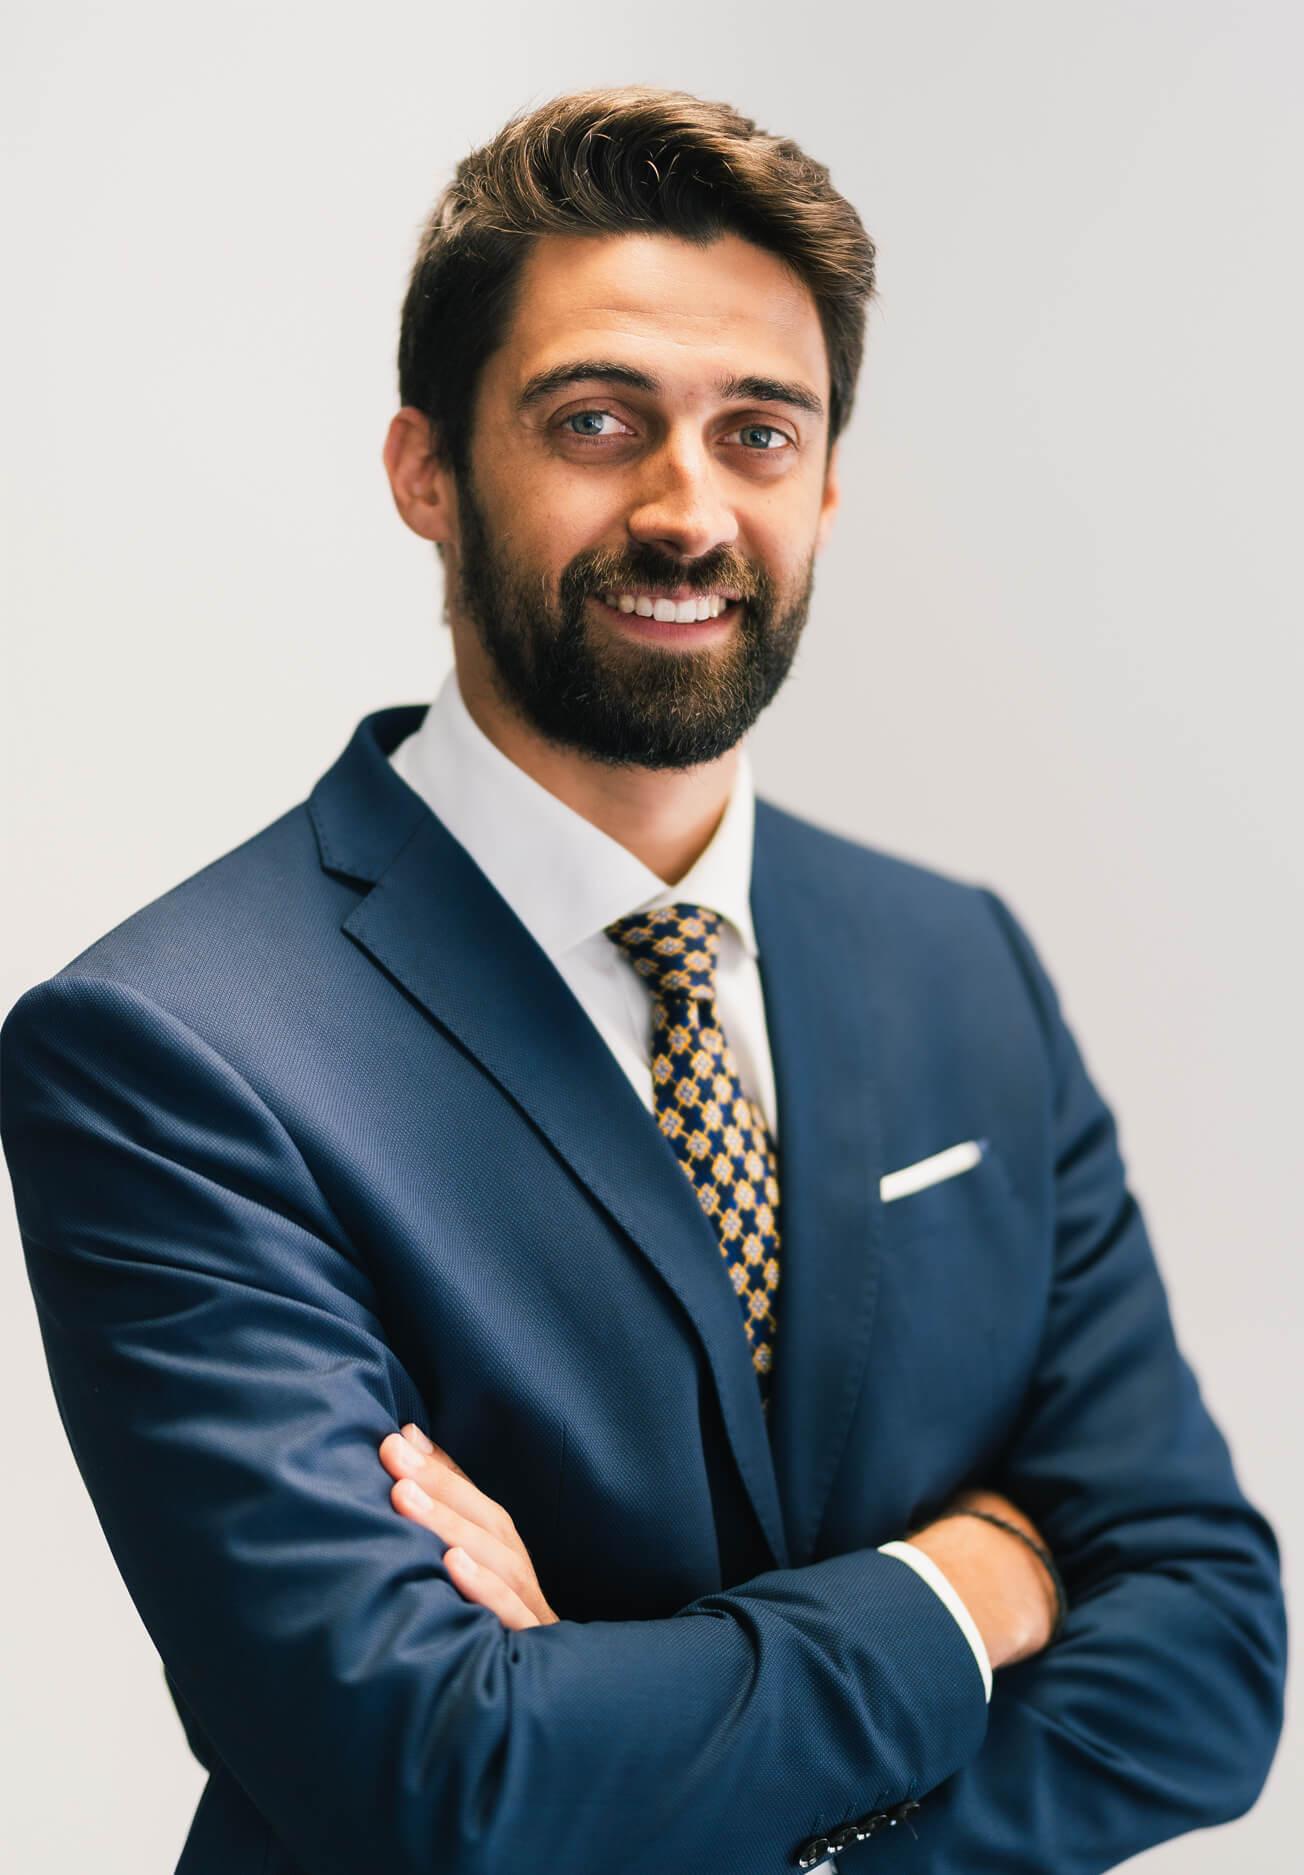 Jorge Jabalquinto